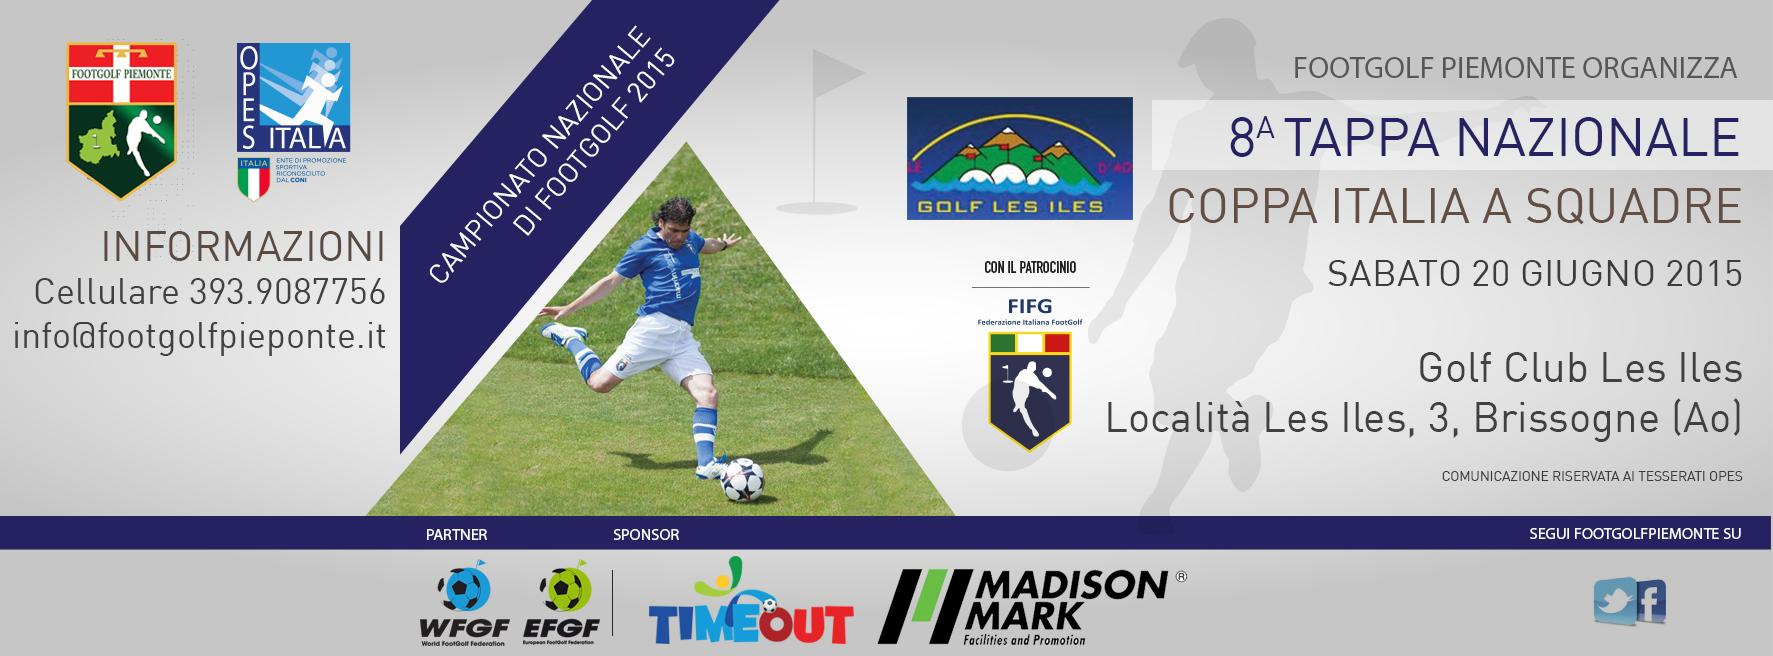 8° Tappa Nazionale - Coppa Italia a squadre - Brissogne (AO)